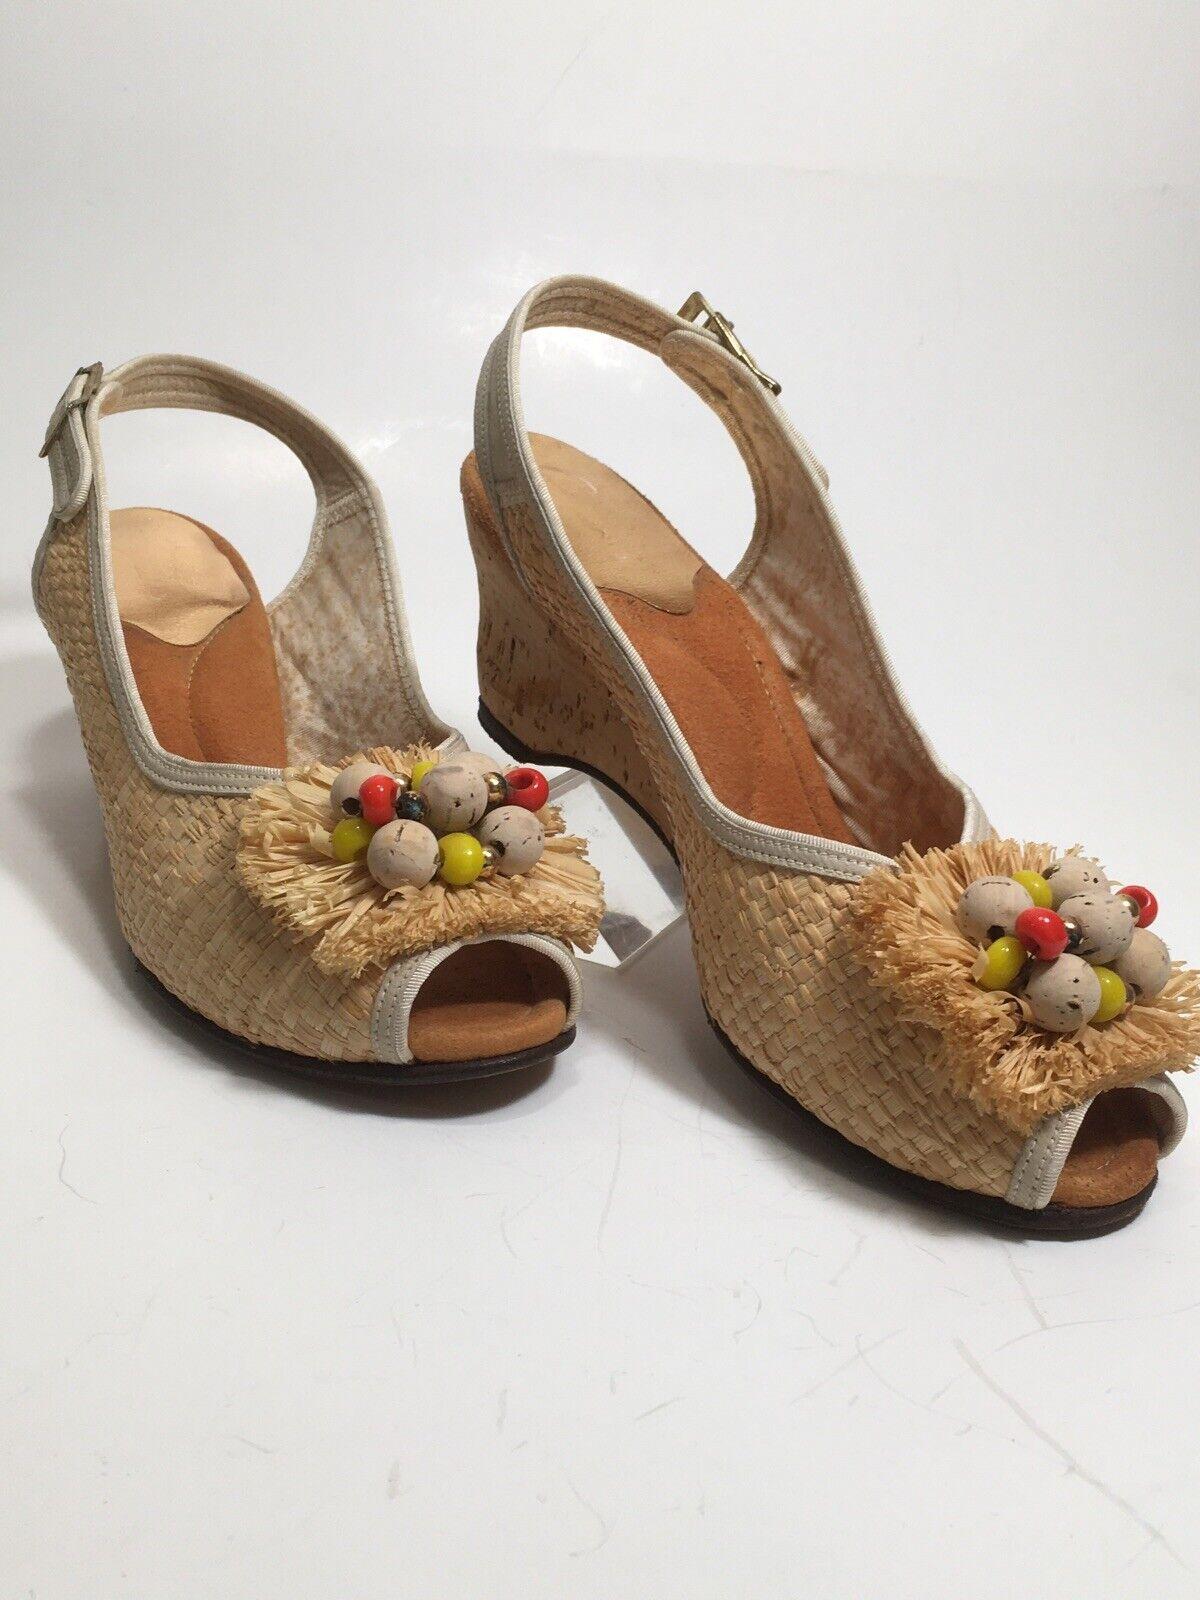 Vintage 40s Shoes Platform CORK Wedge Sandals Str… - image 4